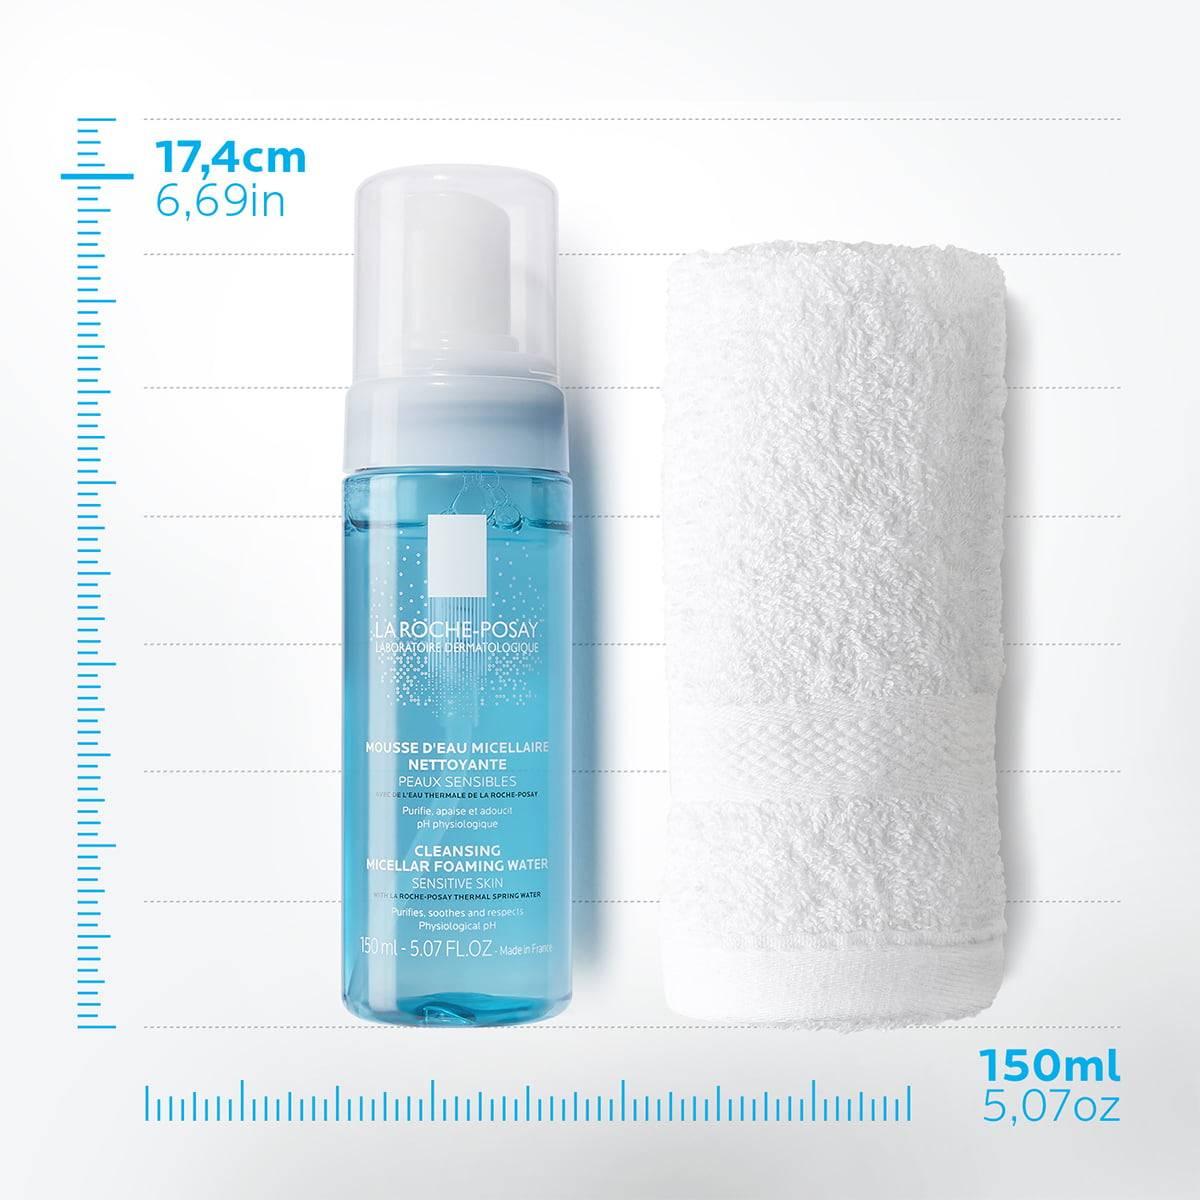 La Roche Posay StránkaProduktu Fyziologická čisticí péče na obličej Pěnící voda 1